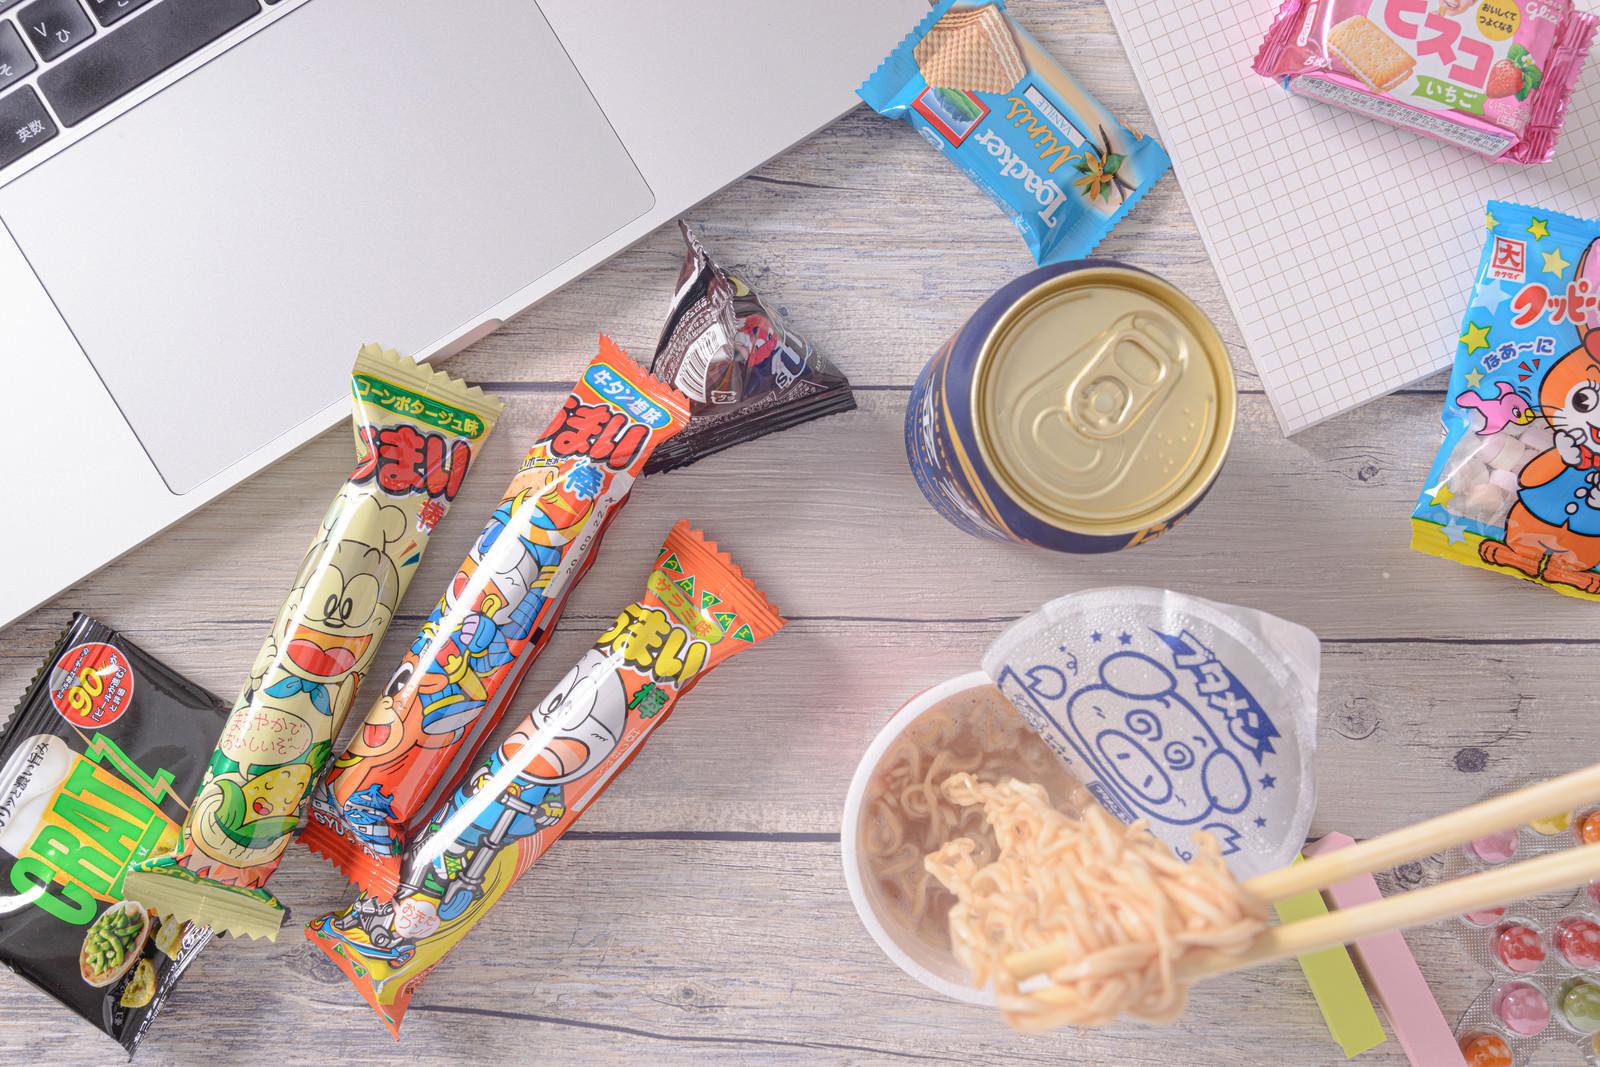 「食べかけのブタメンと散らばったお菓子」の写真